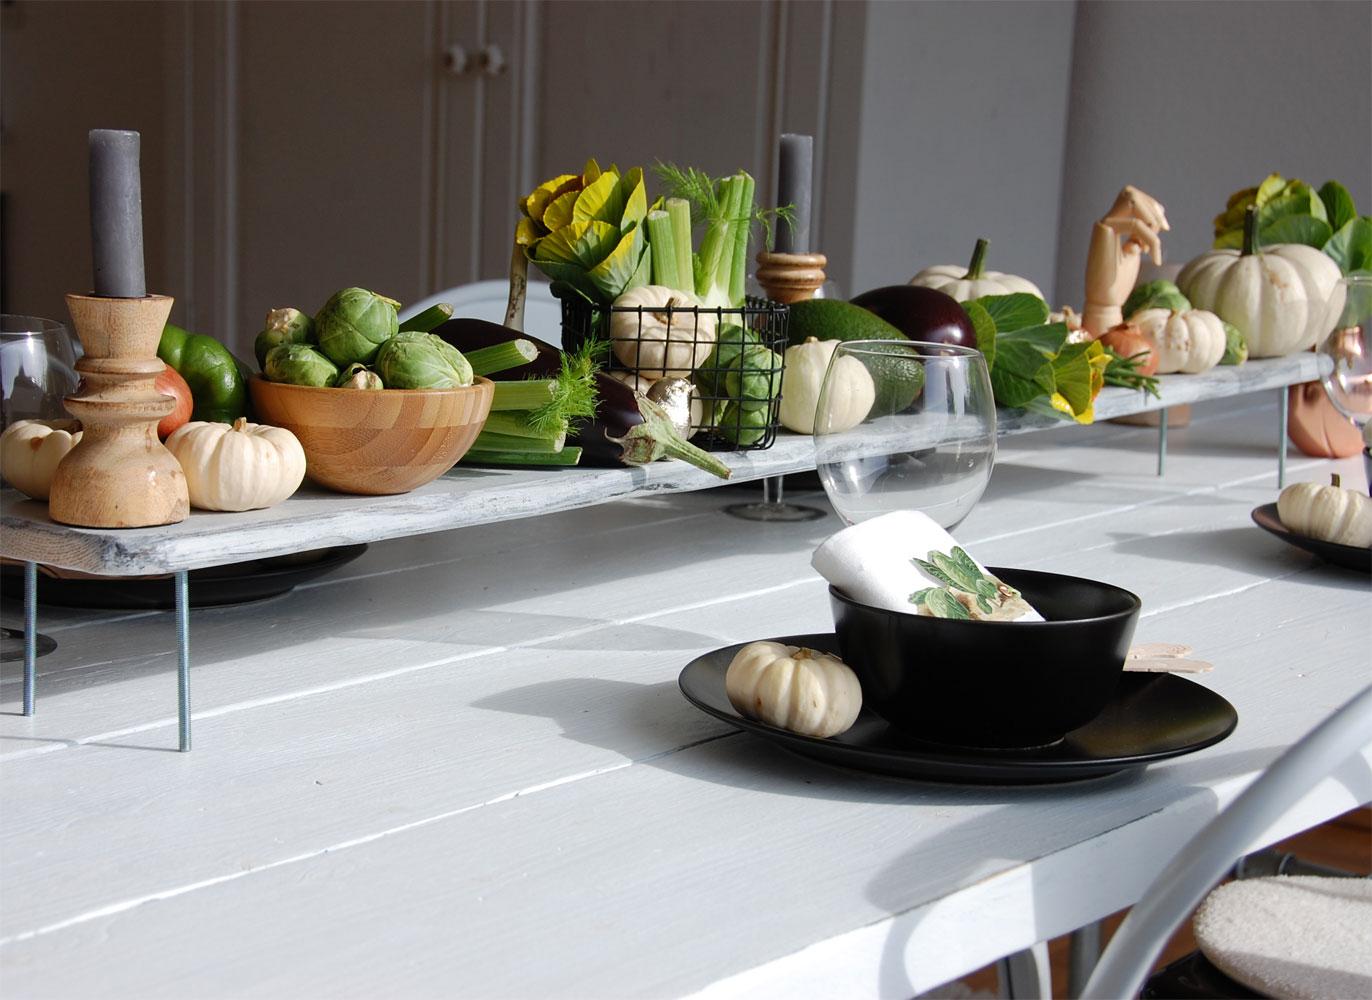 Herbstliche Tischdeko mit Gemüse und Kürbissen